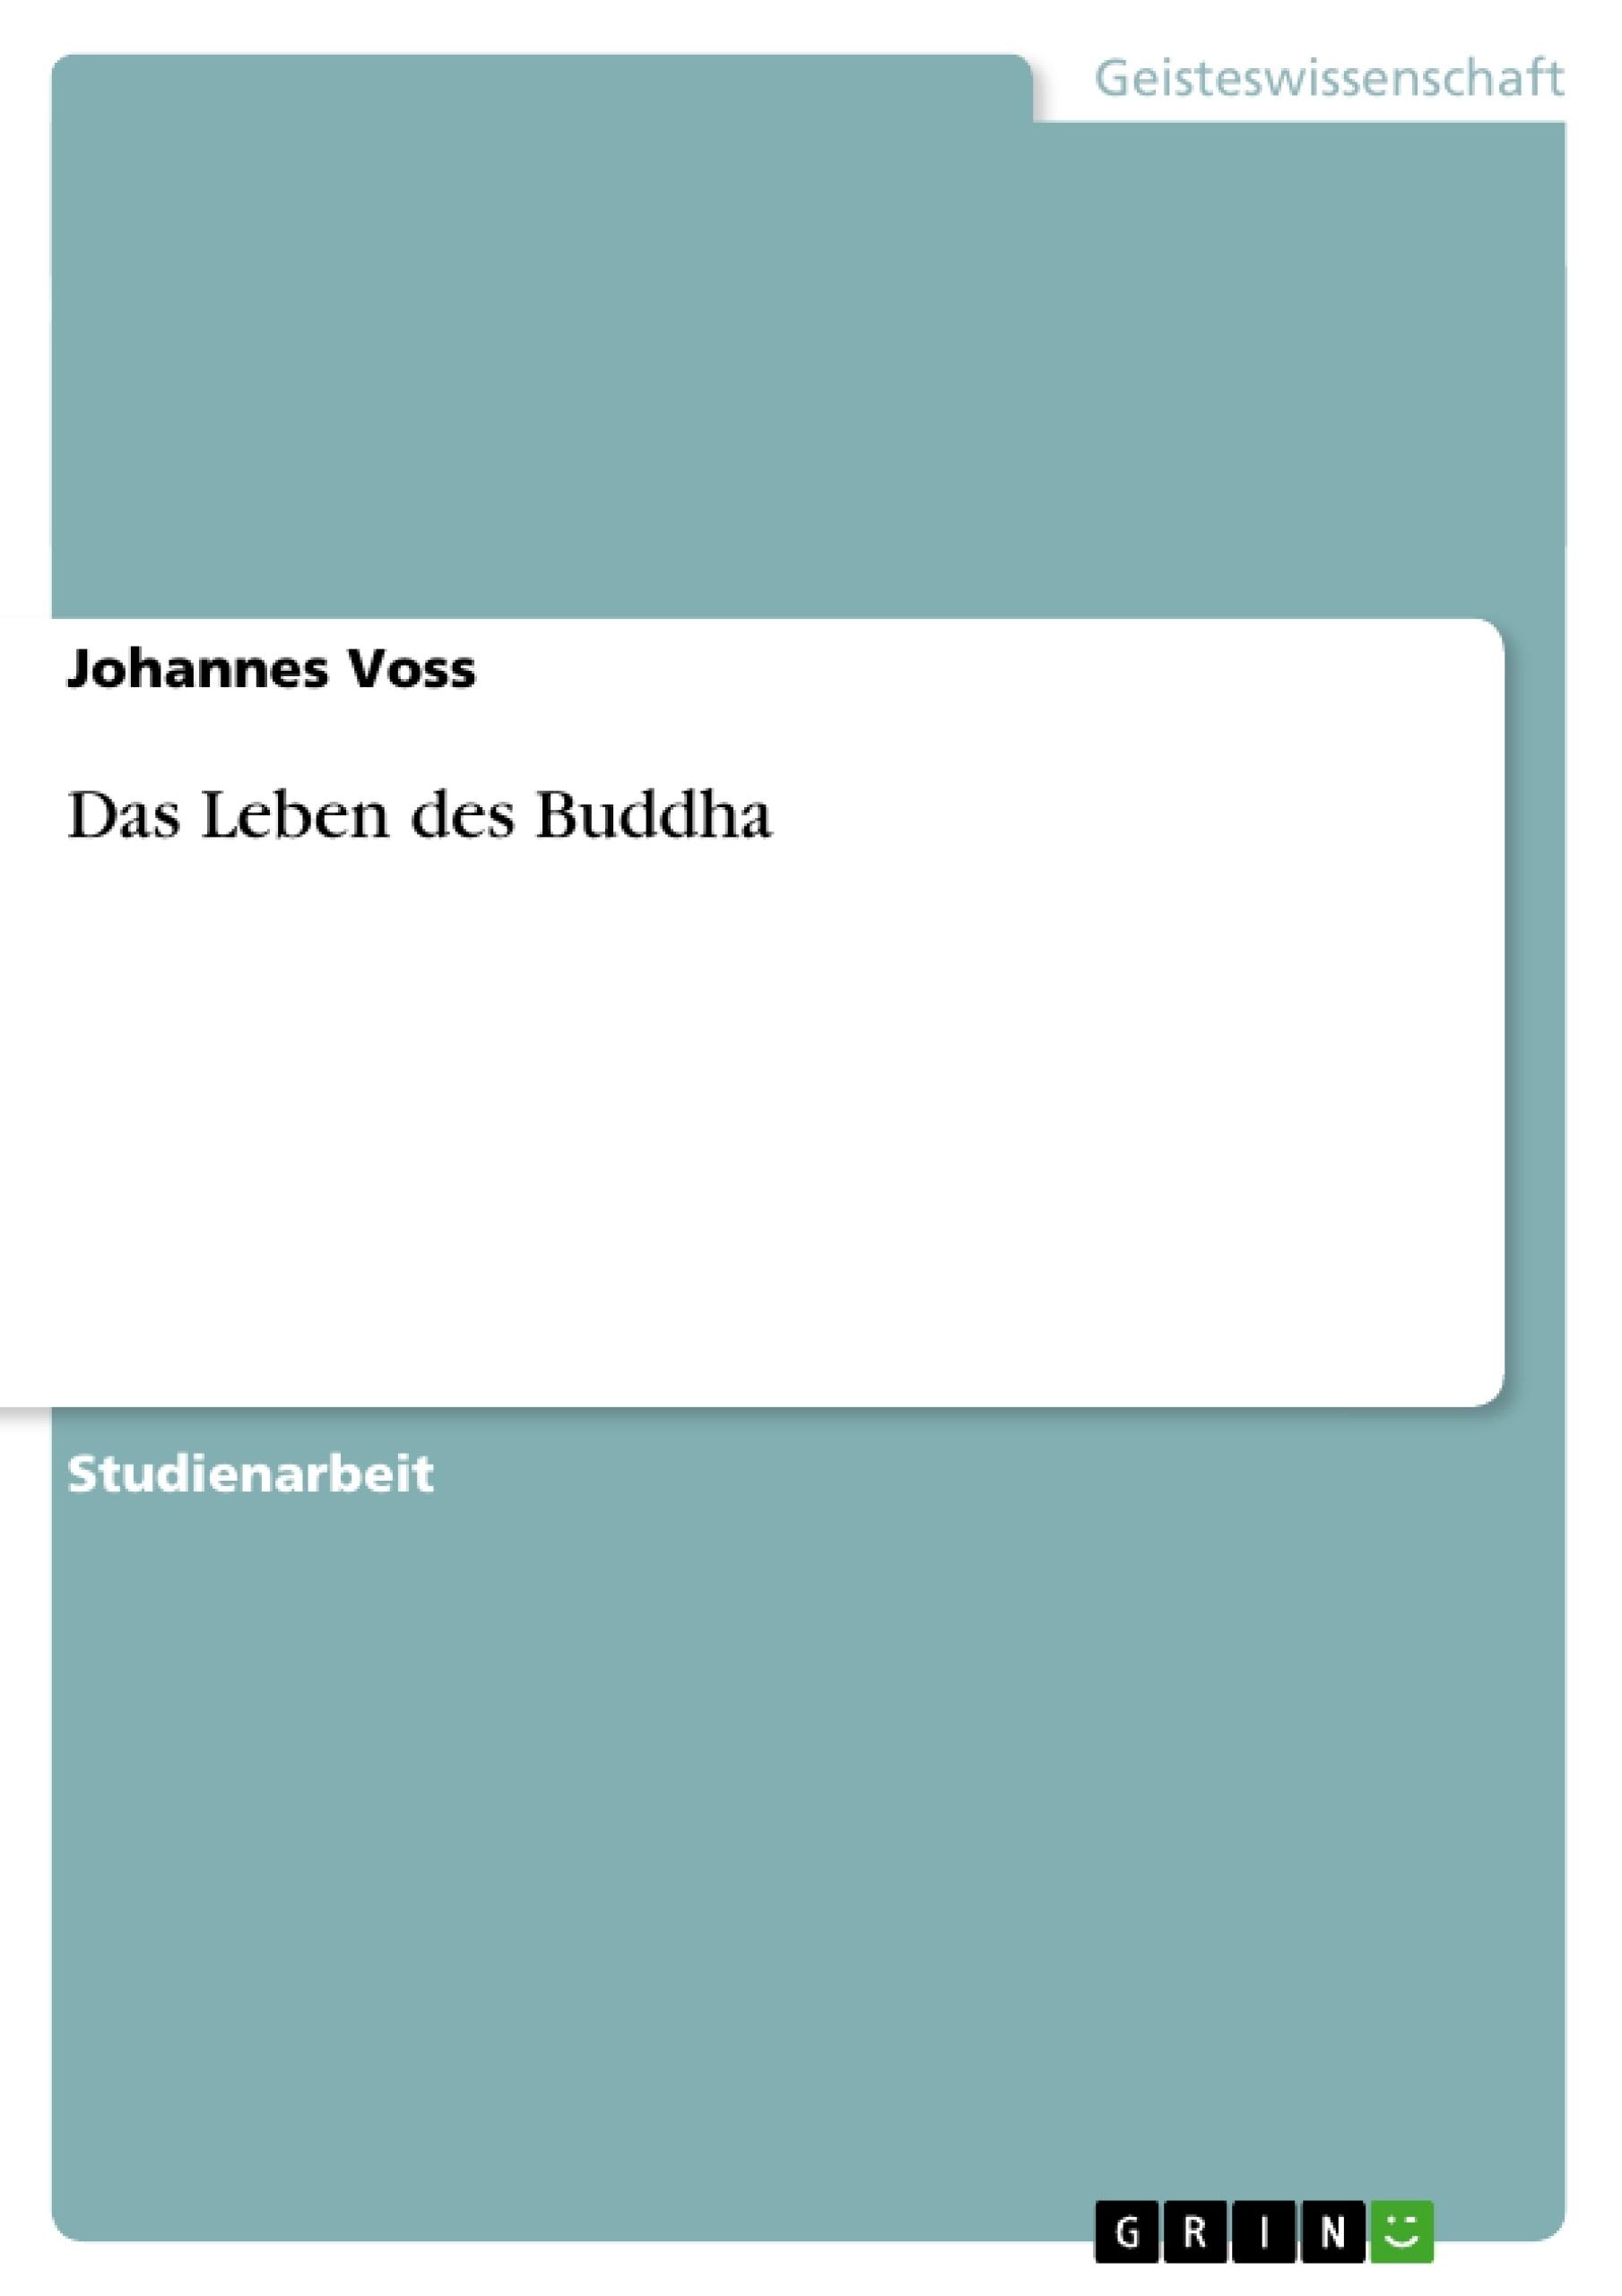 Titel: Das Leben des Buddha